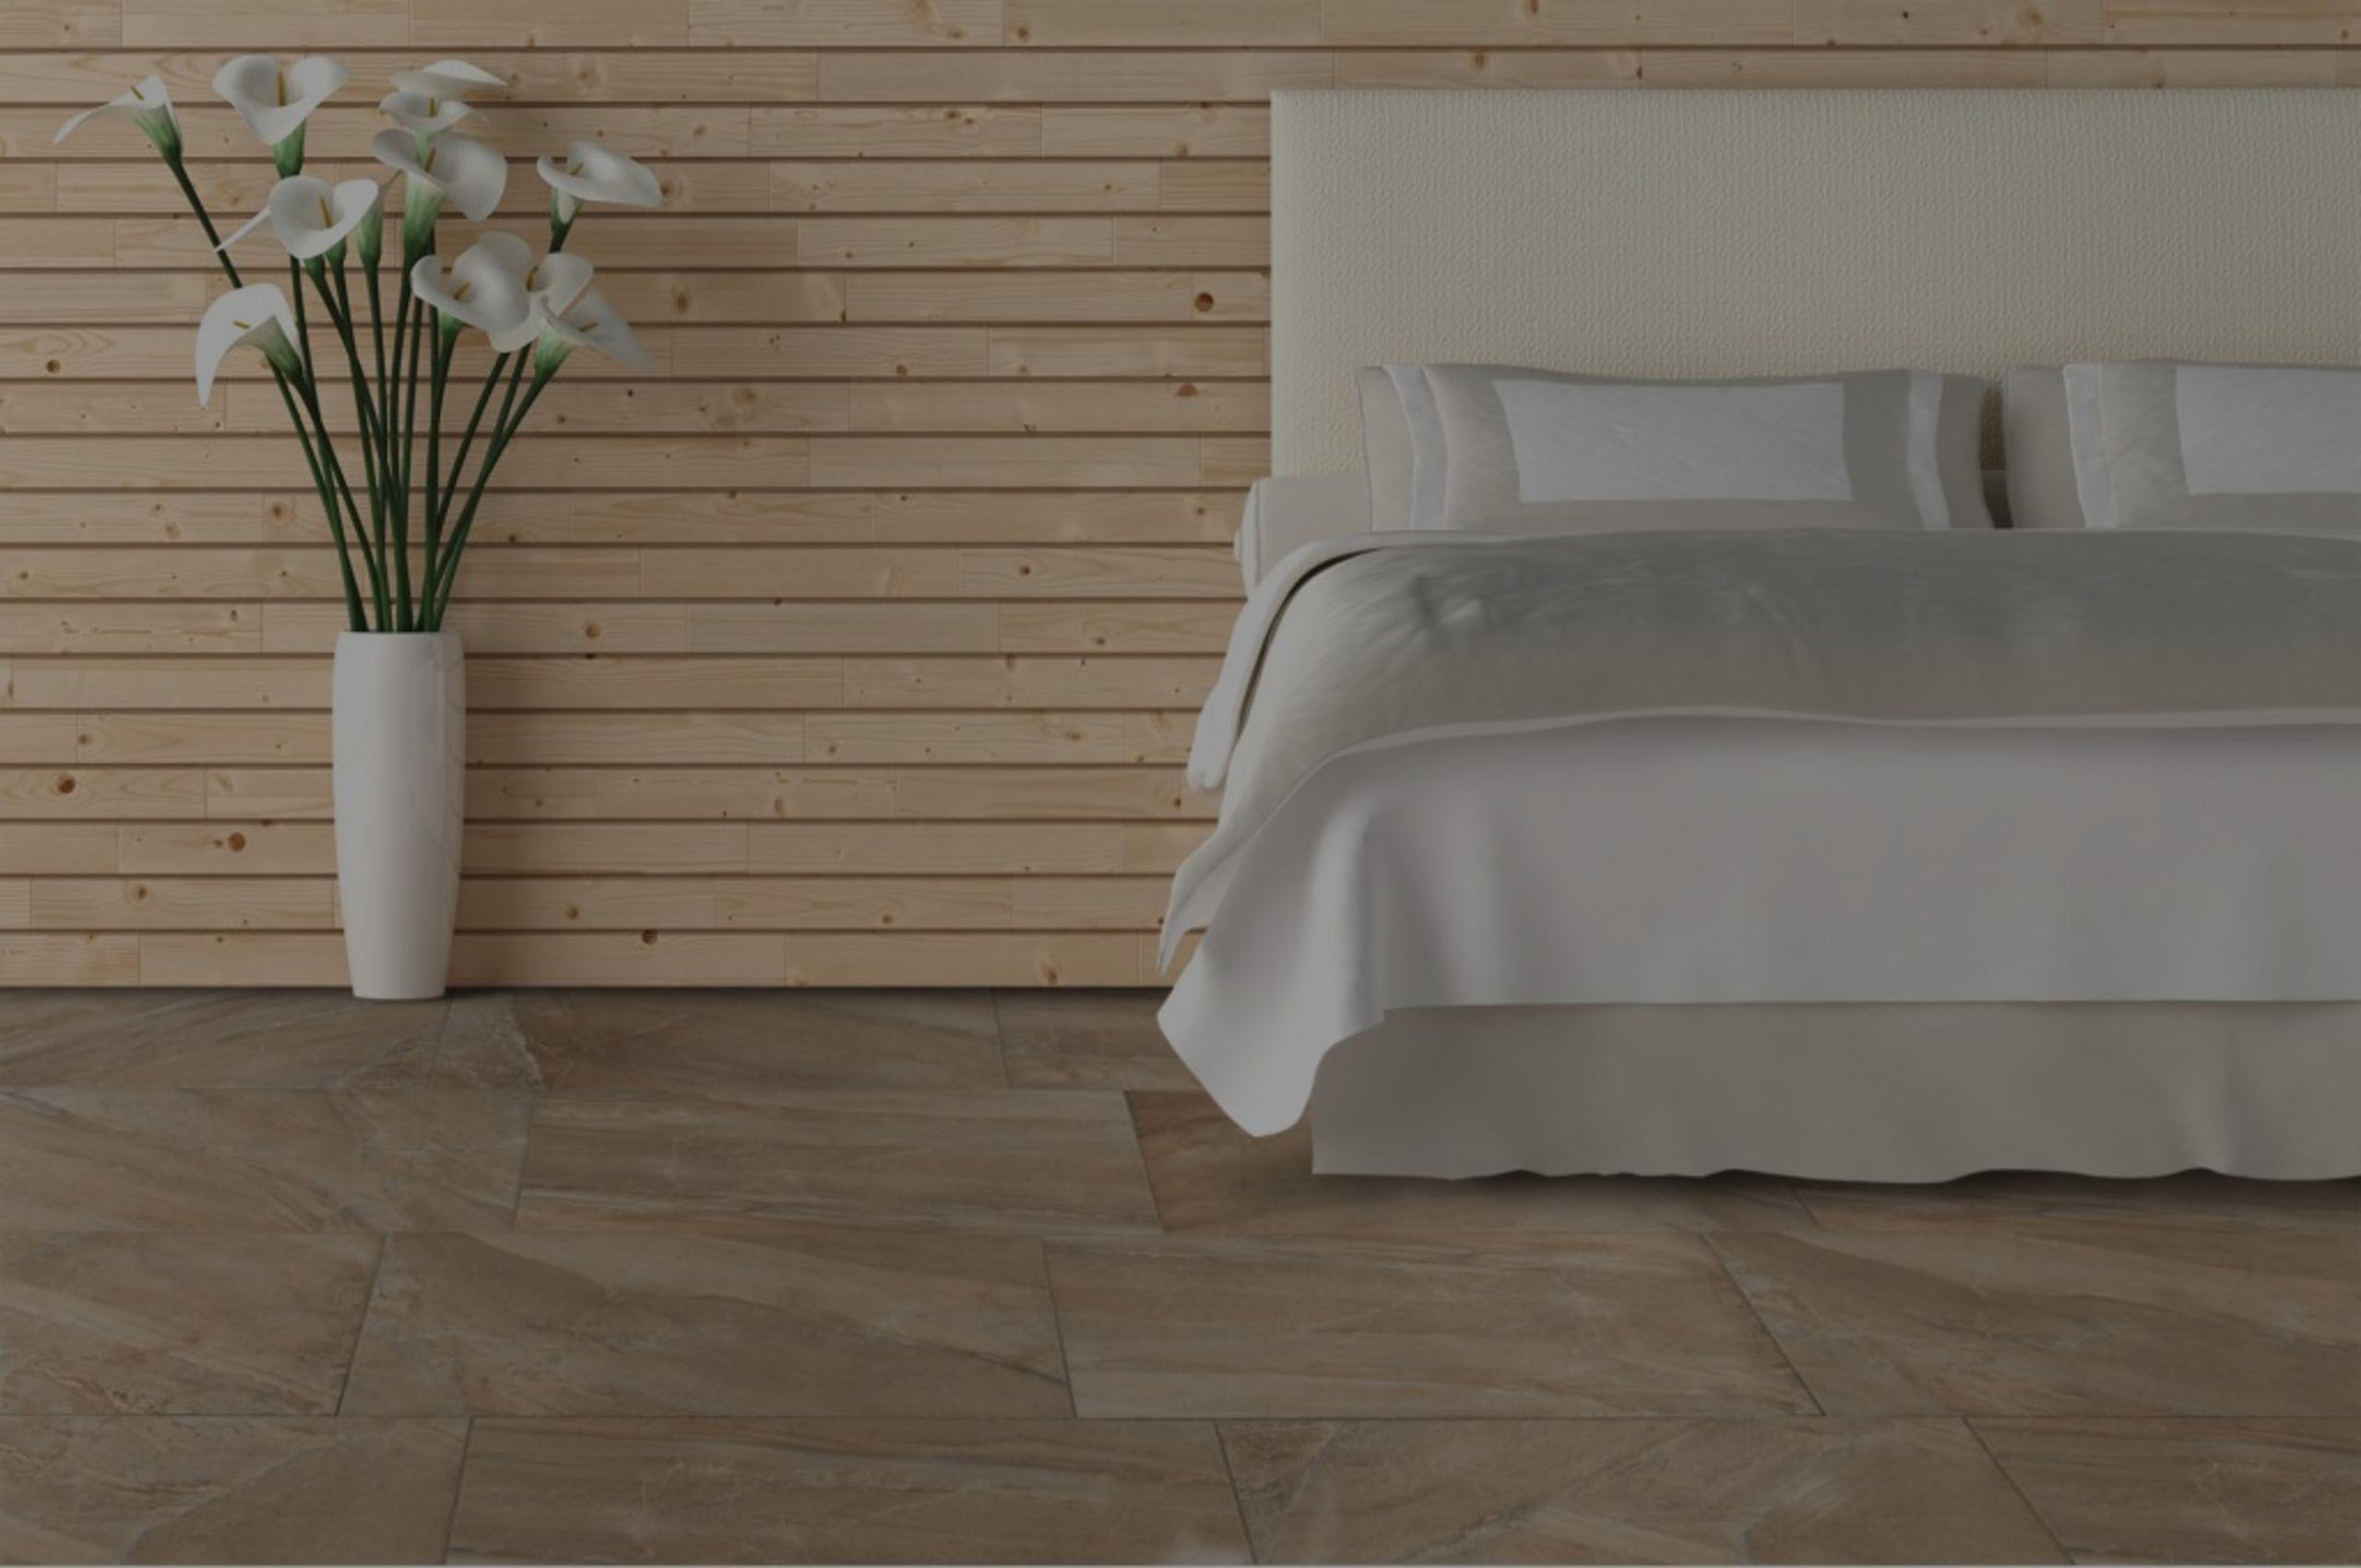 Tile:  Ceramic or Porcelain / Matte or Glazed